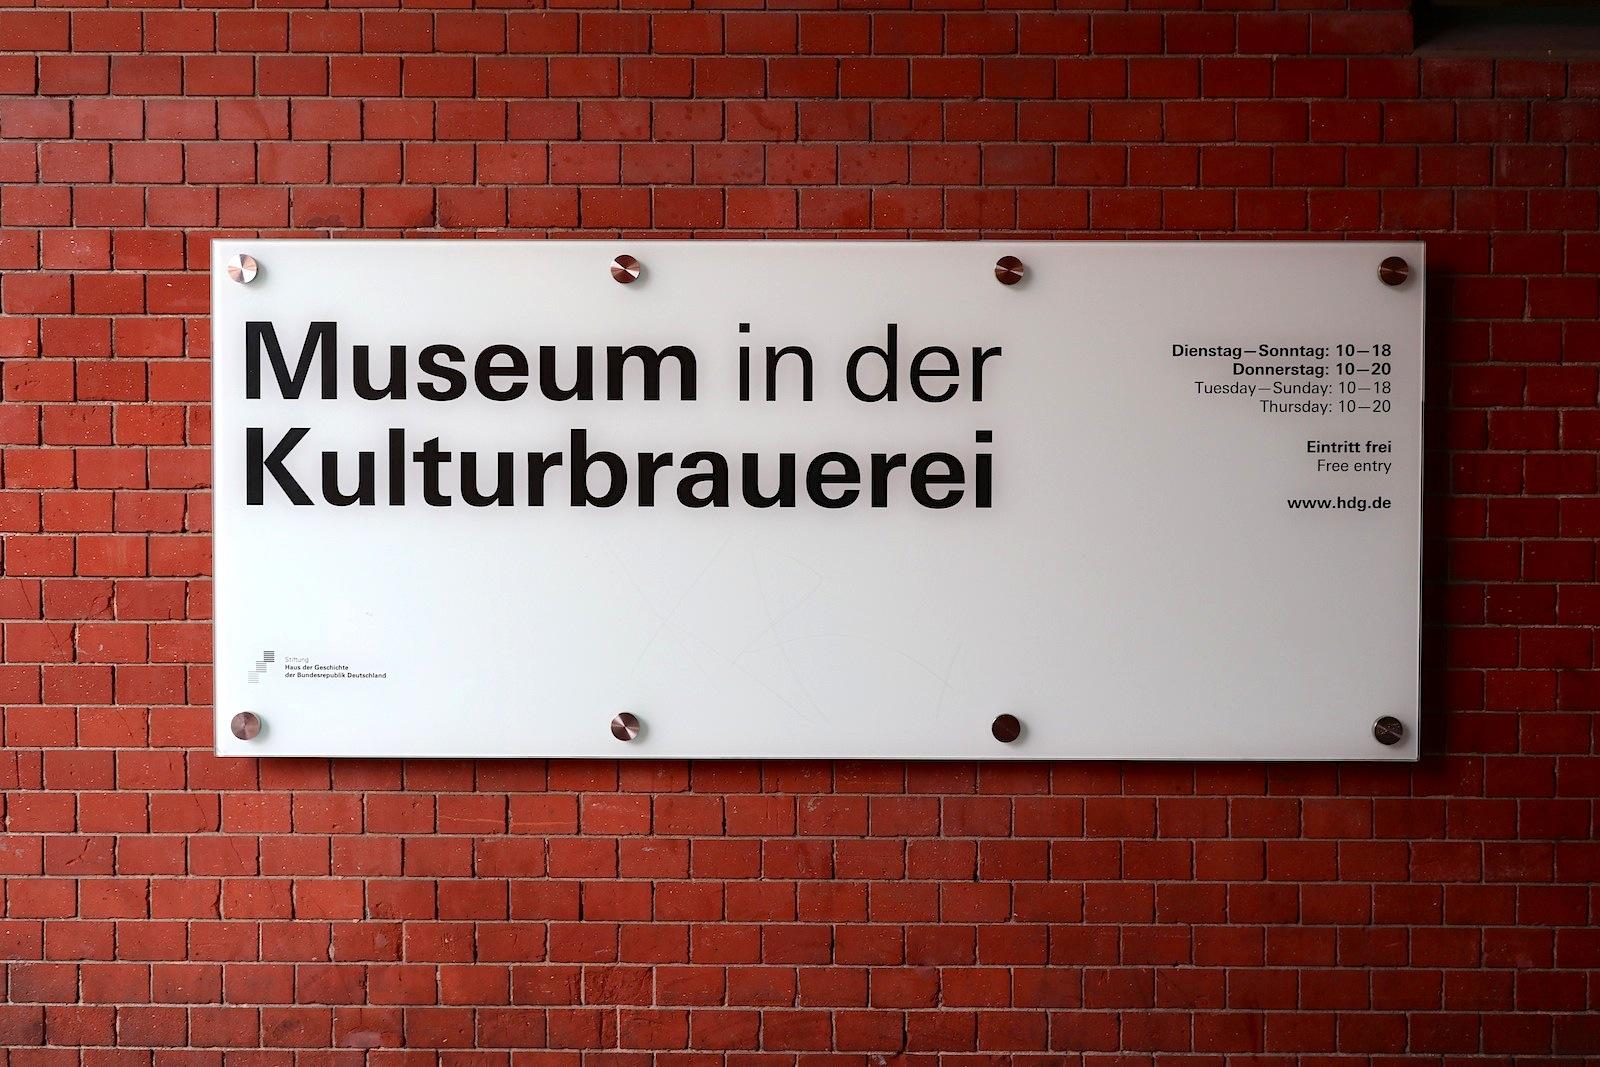 Museum in der Kulturbrauerei. auf dem denkmalgeschützten Industriegelände der ehemaligen Schultheiss-Brauerei im Prenzlauer Berg.